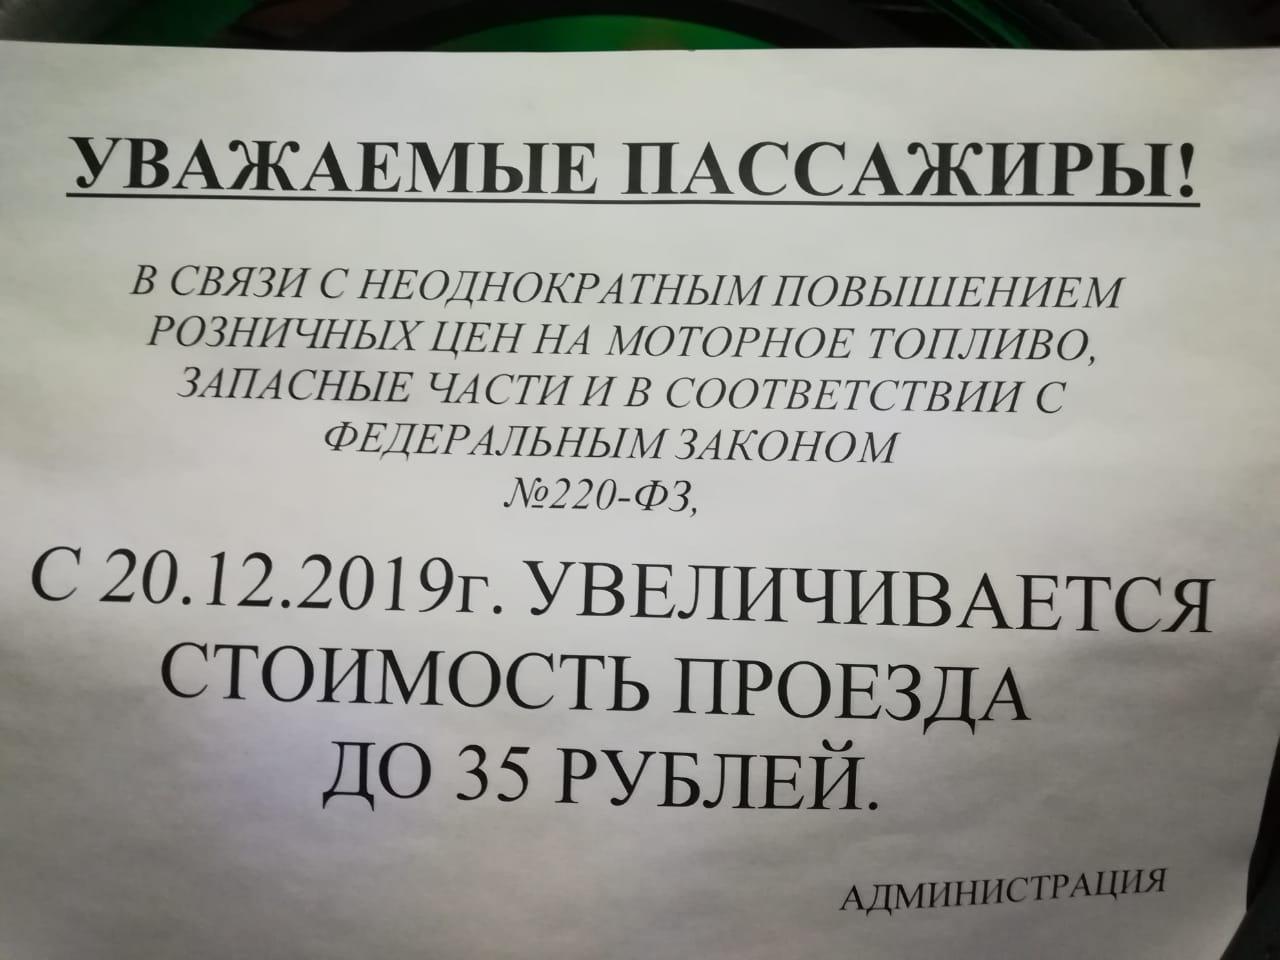 Цены на проезд вырастут на 5 рублей